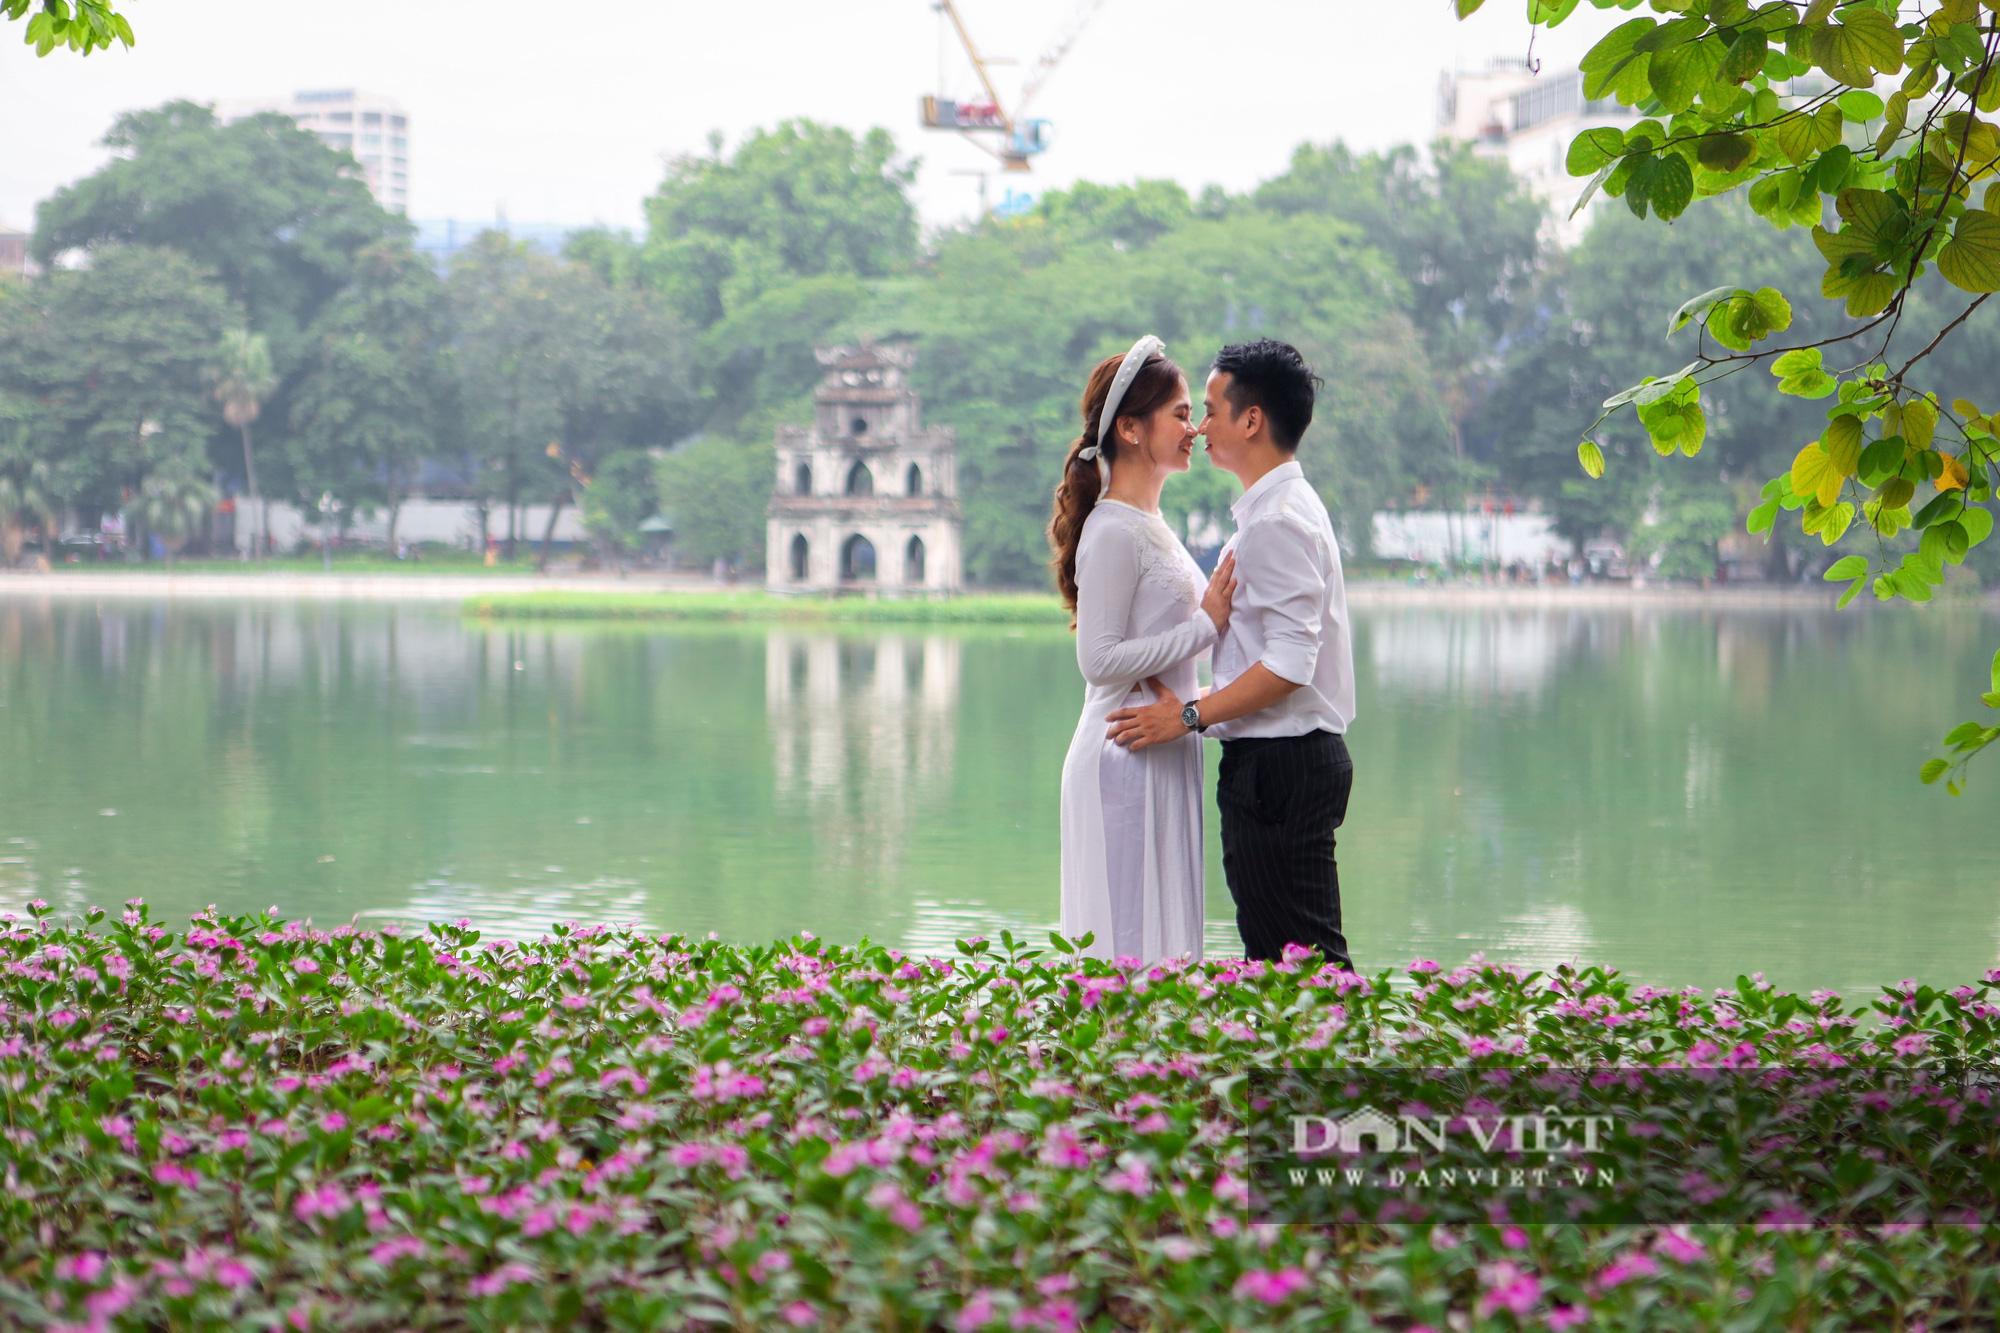 Chiêm ngưỡng vườn hoa mới đẹp ngỡ ngàng bên bờ hồ Hoàn Kiếm  - Ảnh 7.